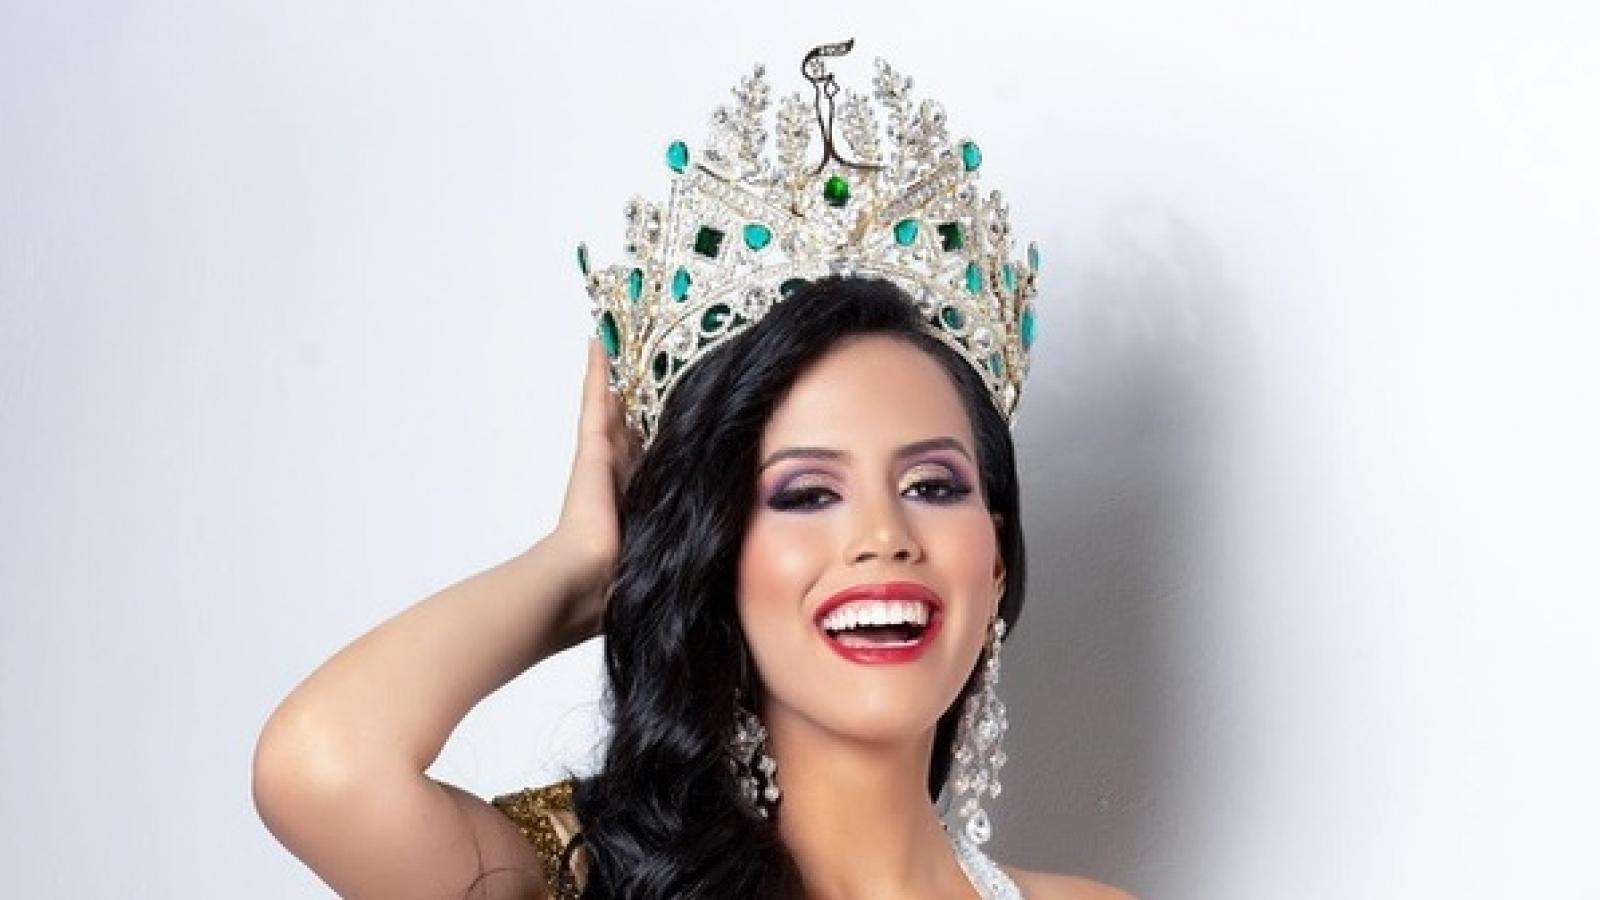 Nét đẹp Latin quyến rũ của nữ sinh báo chí được bổ nhiệm Hoa hậu Hoà bình Guatemala 2021